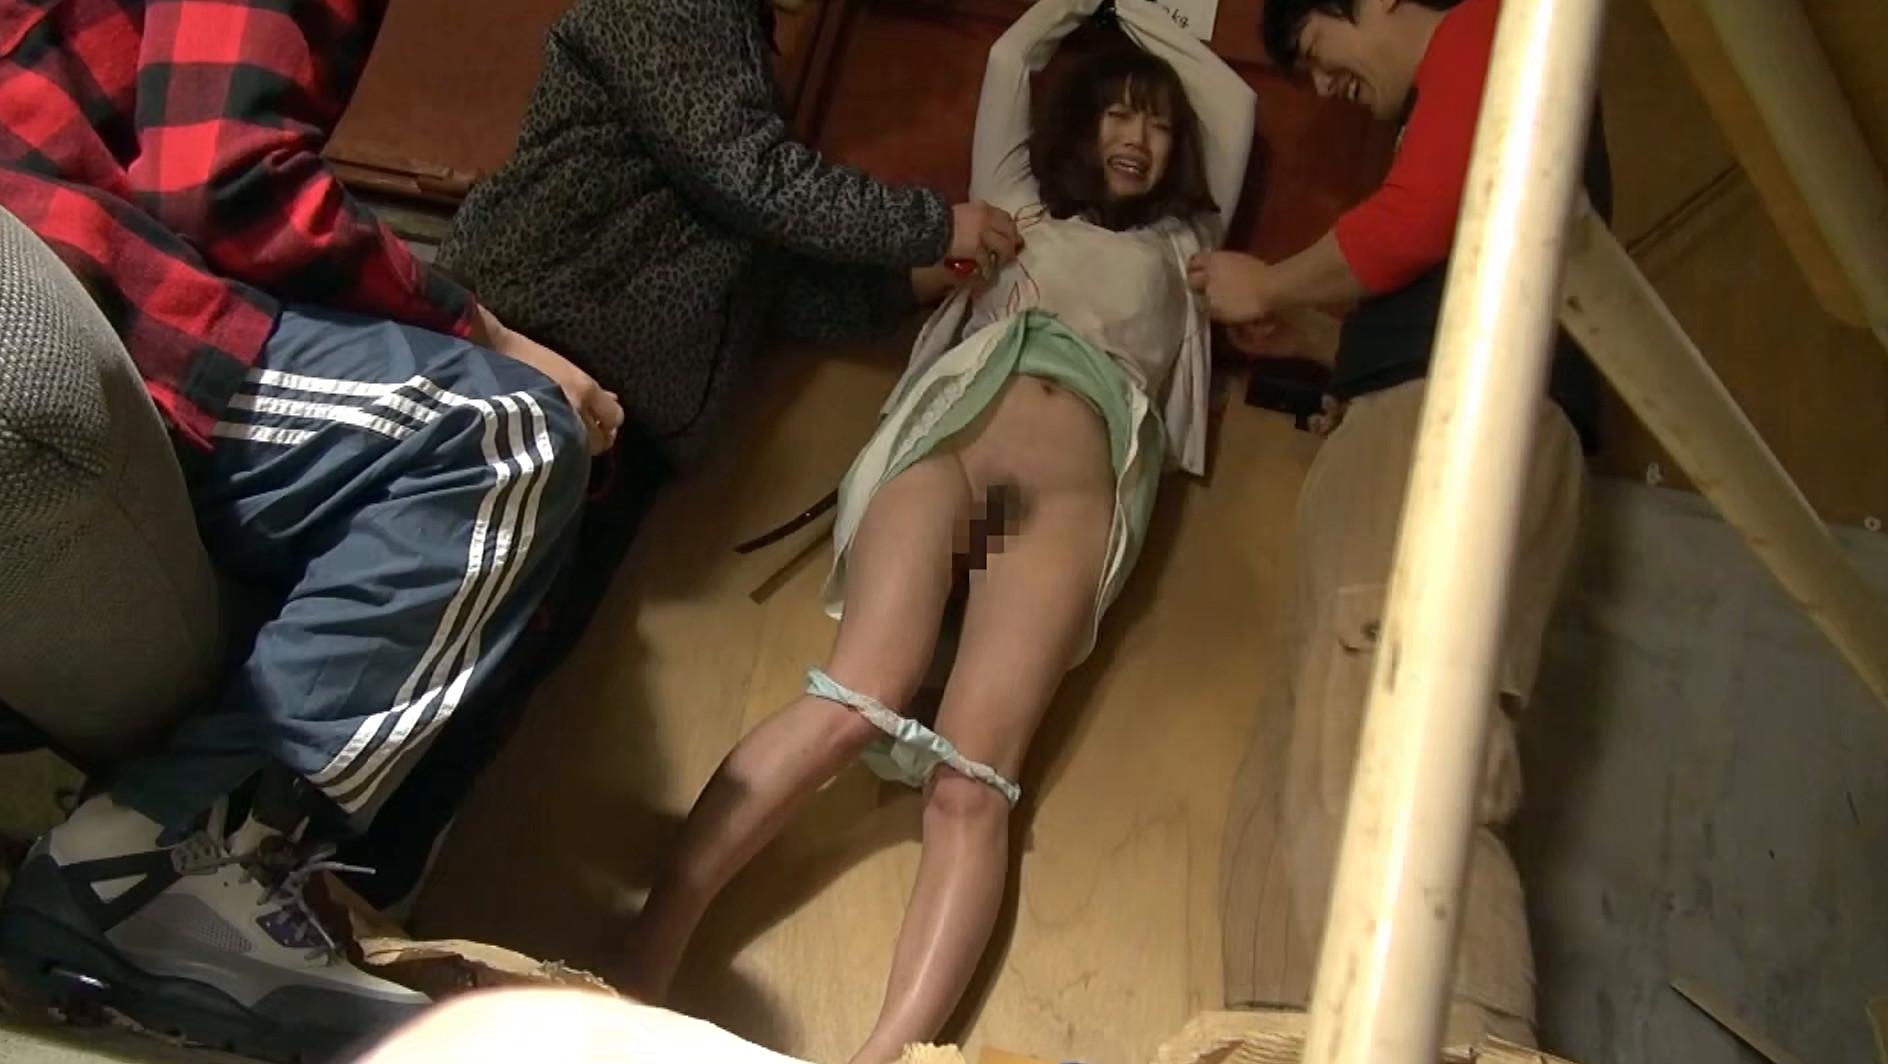 絶望アクメ熟女暴姦 見知らぬ男に強引に汚された巨乳 12人4時間3